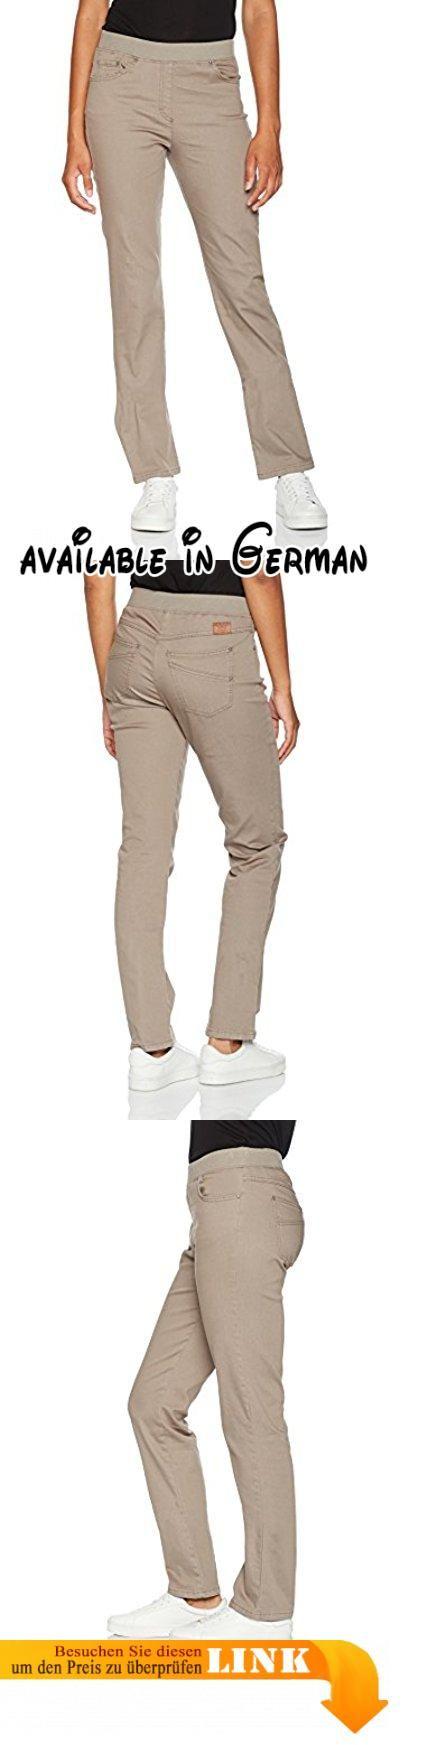 Raphaela by Brax Damen Jeans Pamina (Slim) 17-6227 Beige (Taupe 53), W34/L30 (Herstellergröße: 44K). Damenhose, Five Pocket, aufgesetztes Stitching auf den Gesäßtaschen, Verschluss: Schlupf, Slim, schlanke Silhouette, schmaler Oberschenkel. super Dynamic, Mix aus hochwertiger Baumwolle, Elasthan und Polyester, extrem hohe Elastizität, haut und tragefreundlich #Apparel #PANTS